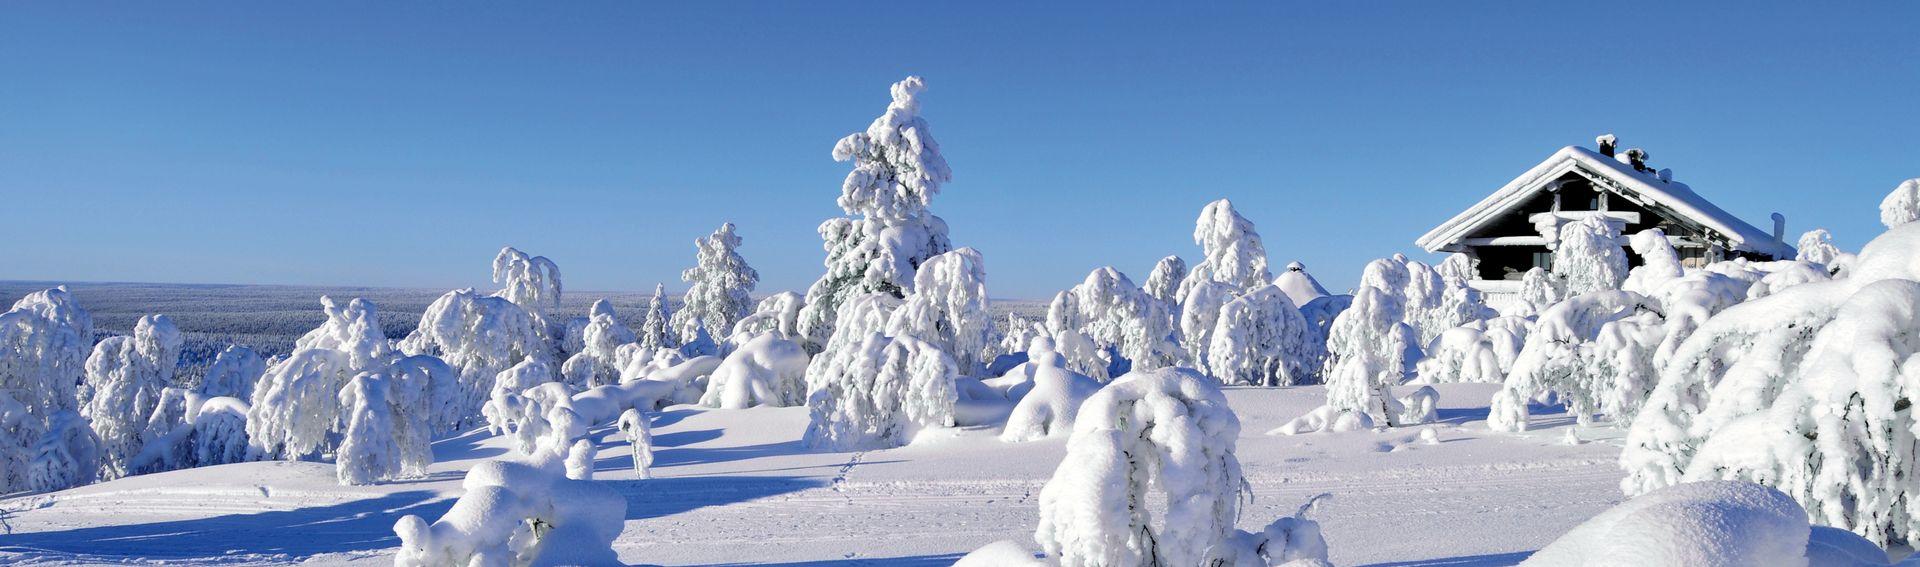 Ferien im Schnee